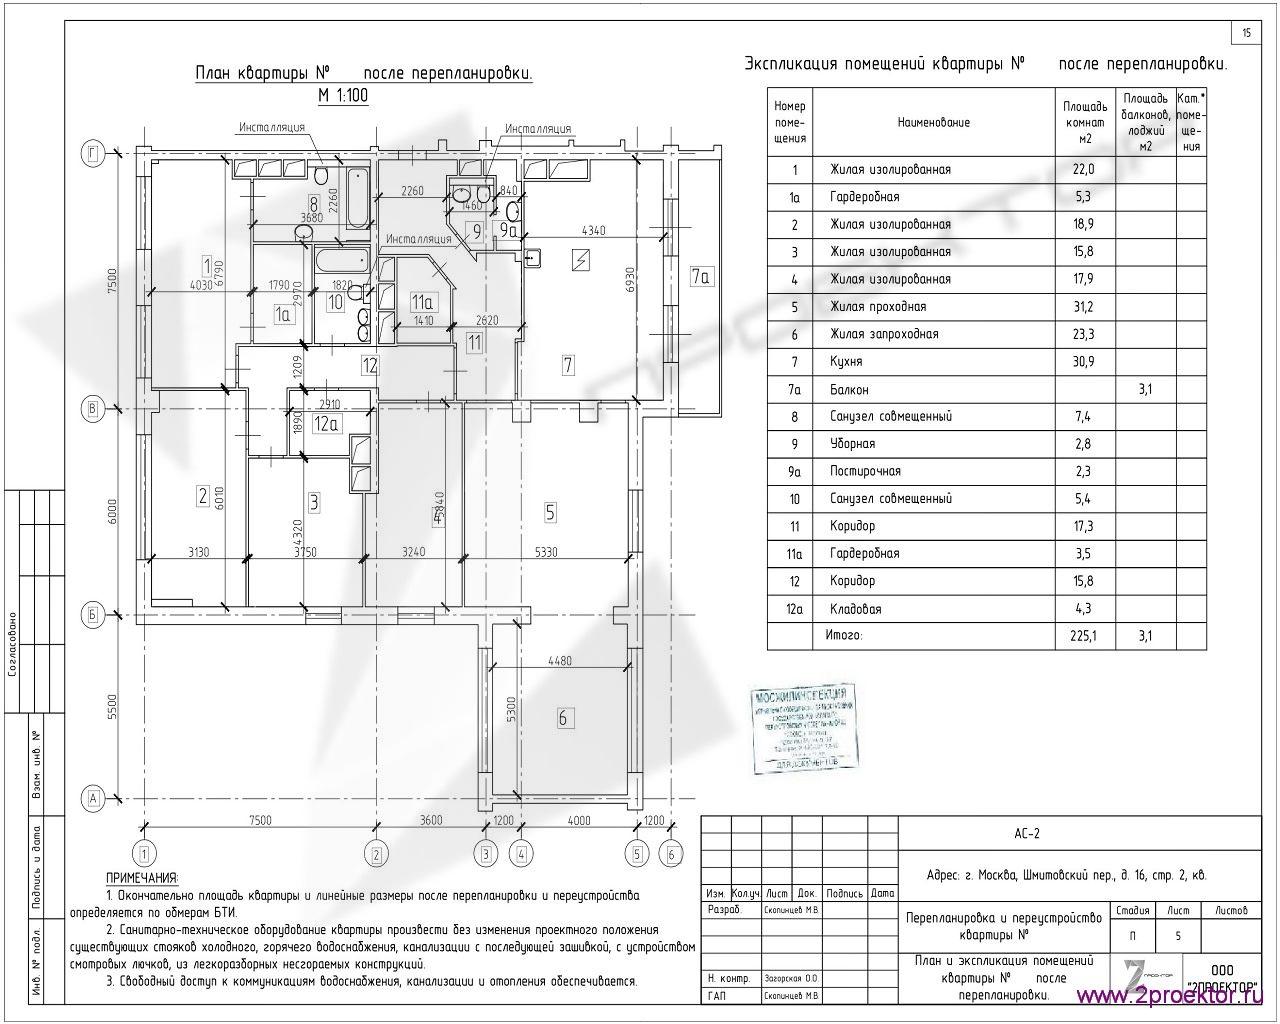 Вариант планировки квартиры в Жилом комплексе Шмитовский, разработанный специалистами ООО «2Проектор» и согласованный Мосжилинспекцией.